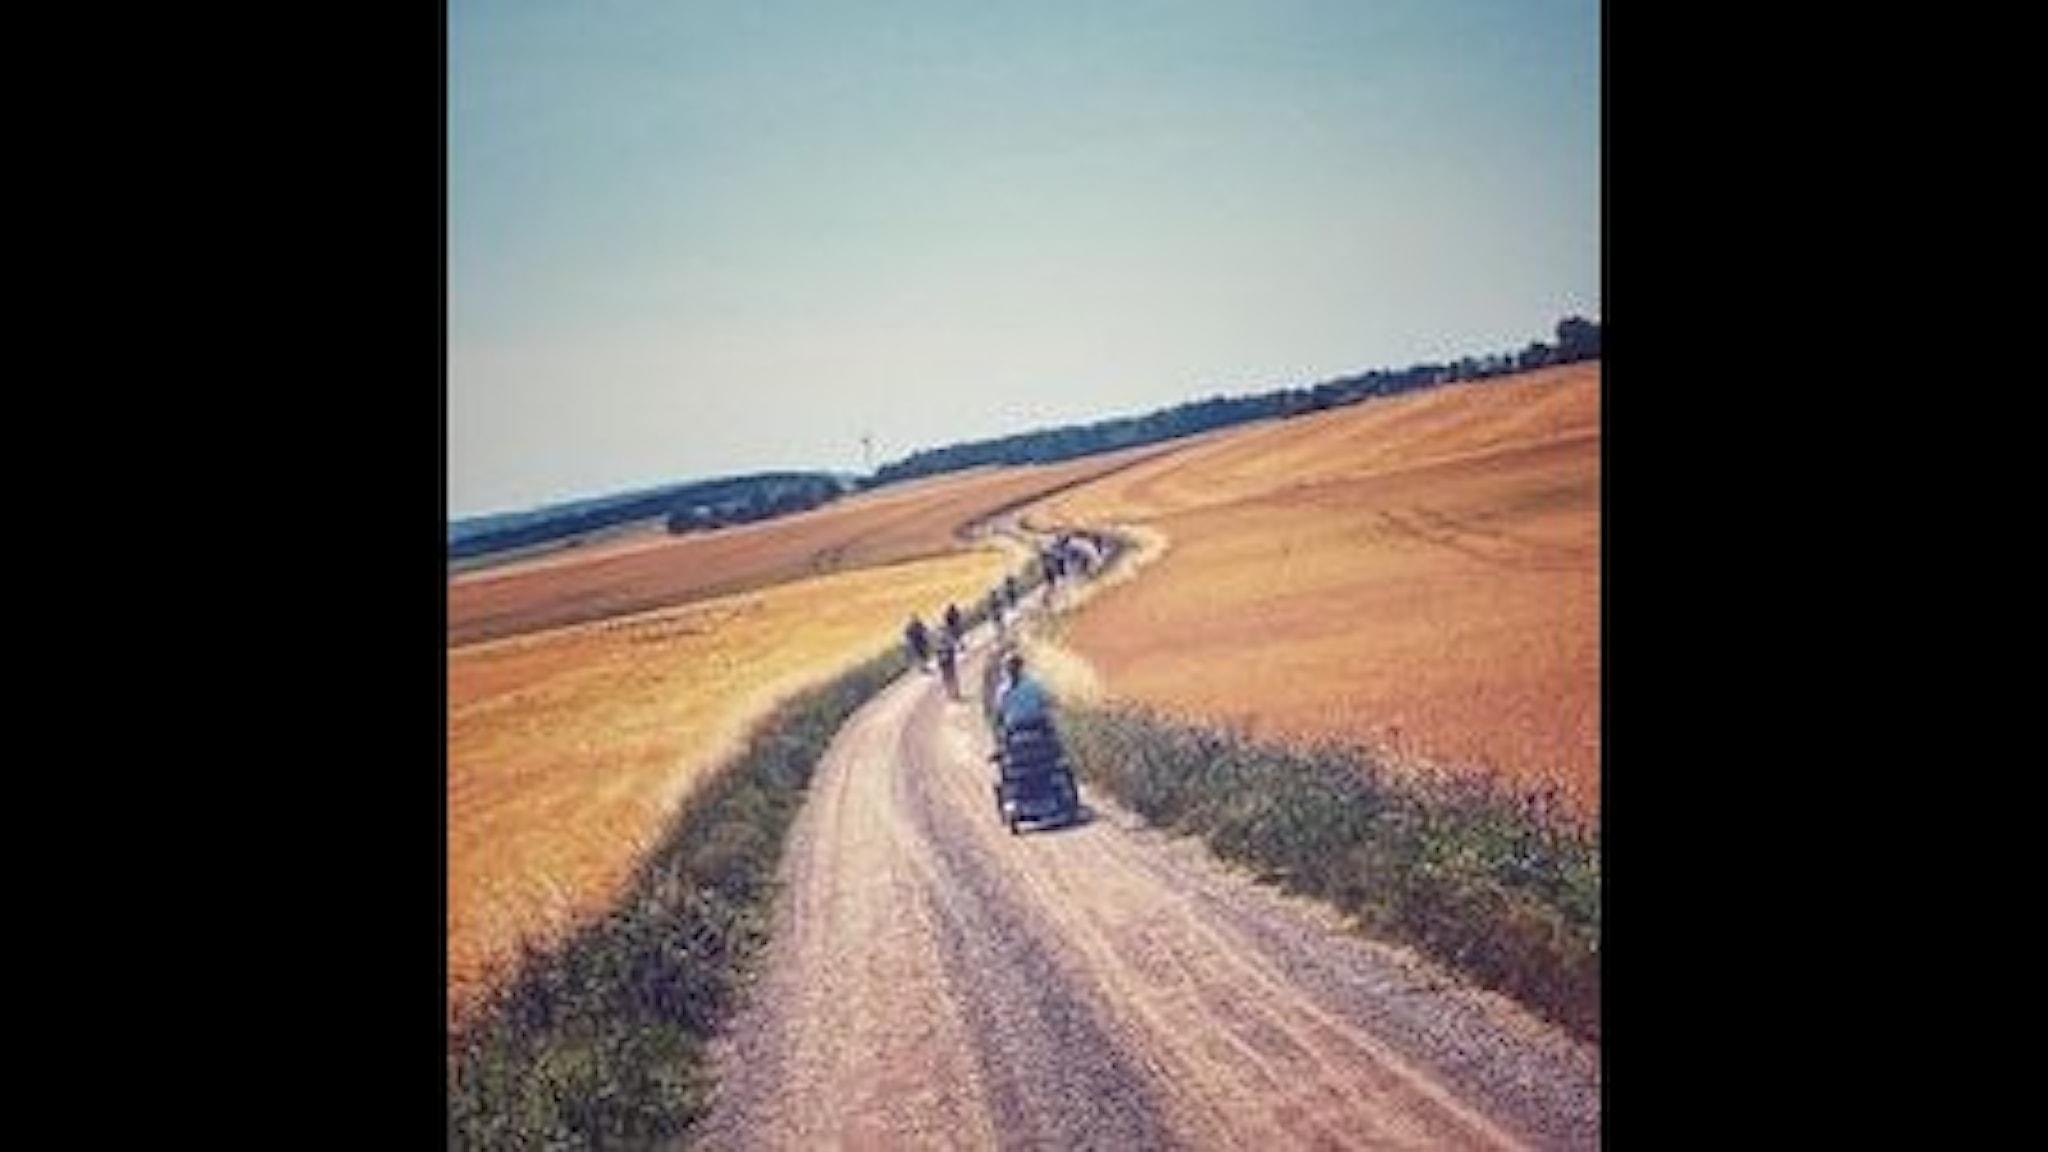 Pilgrimsvandring genom Europa för klimatet. En grupp människor går på en landsväg mellan åkrar. Längst bak syns någon gå med en barnvagn.